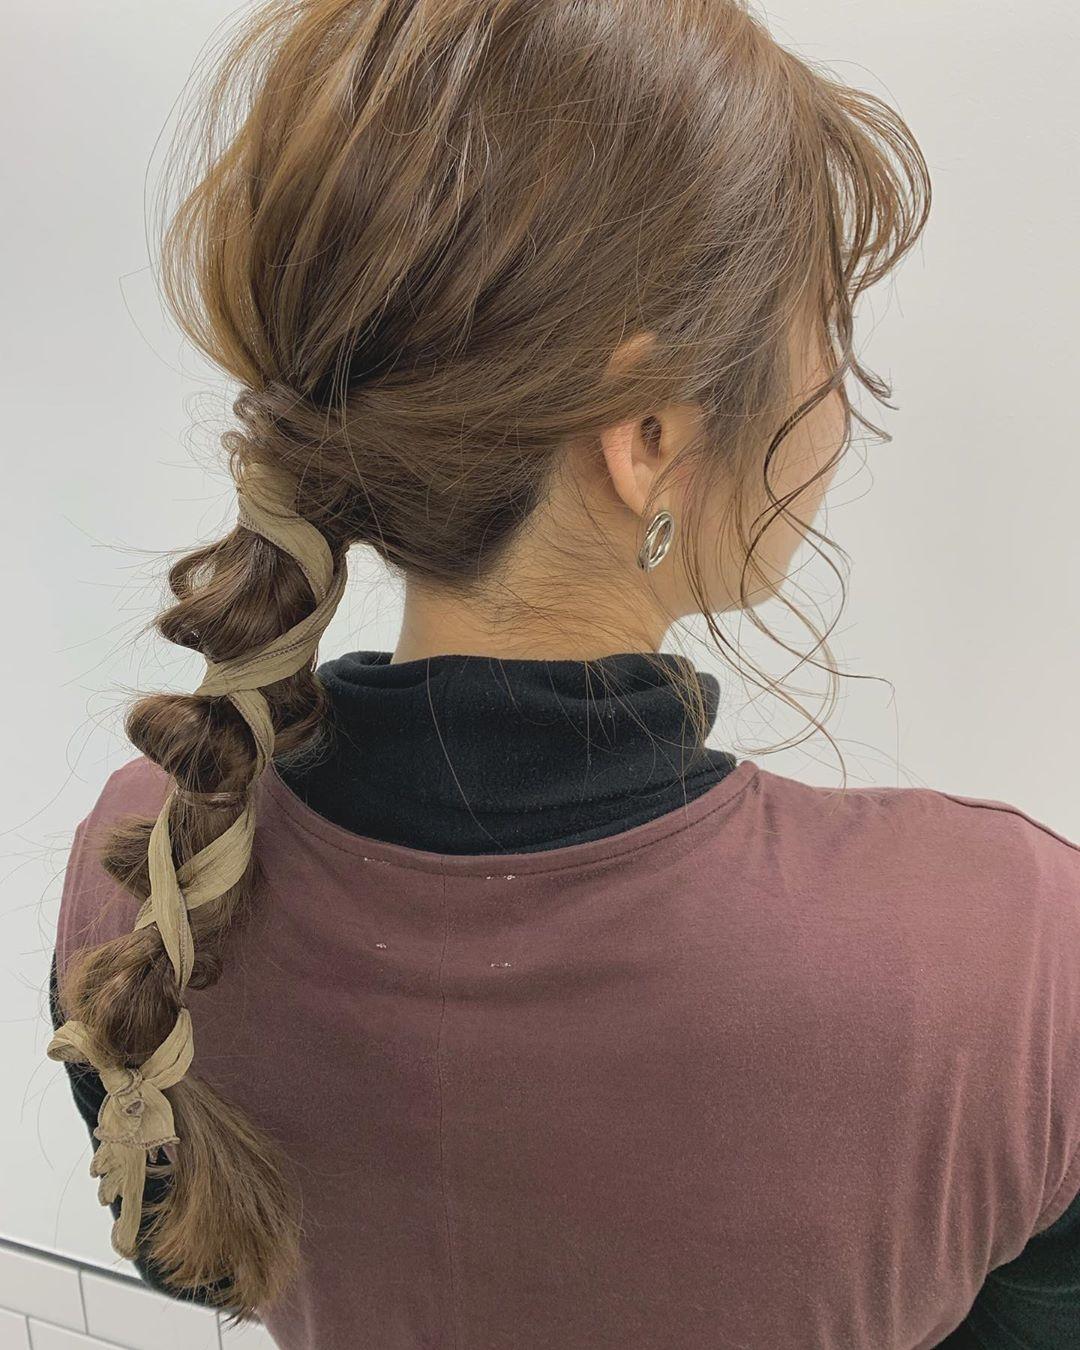 編み下しヘアの最新版をプチプラで